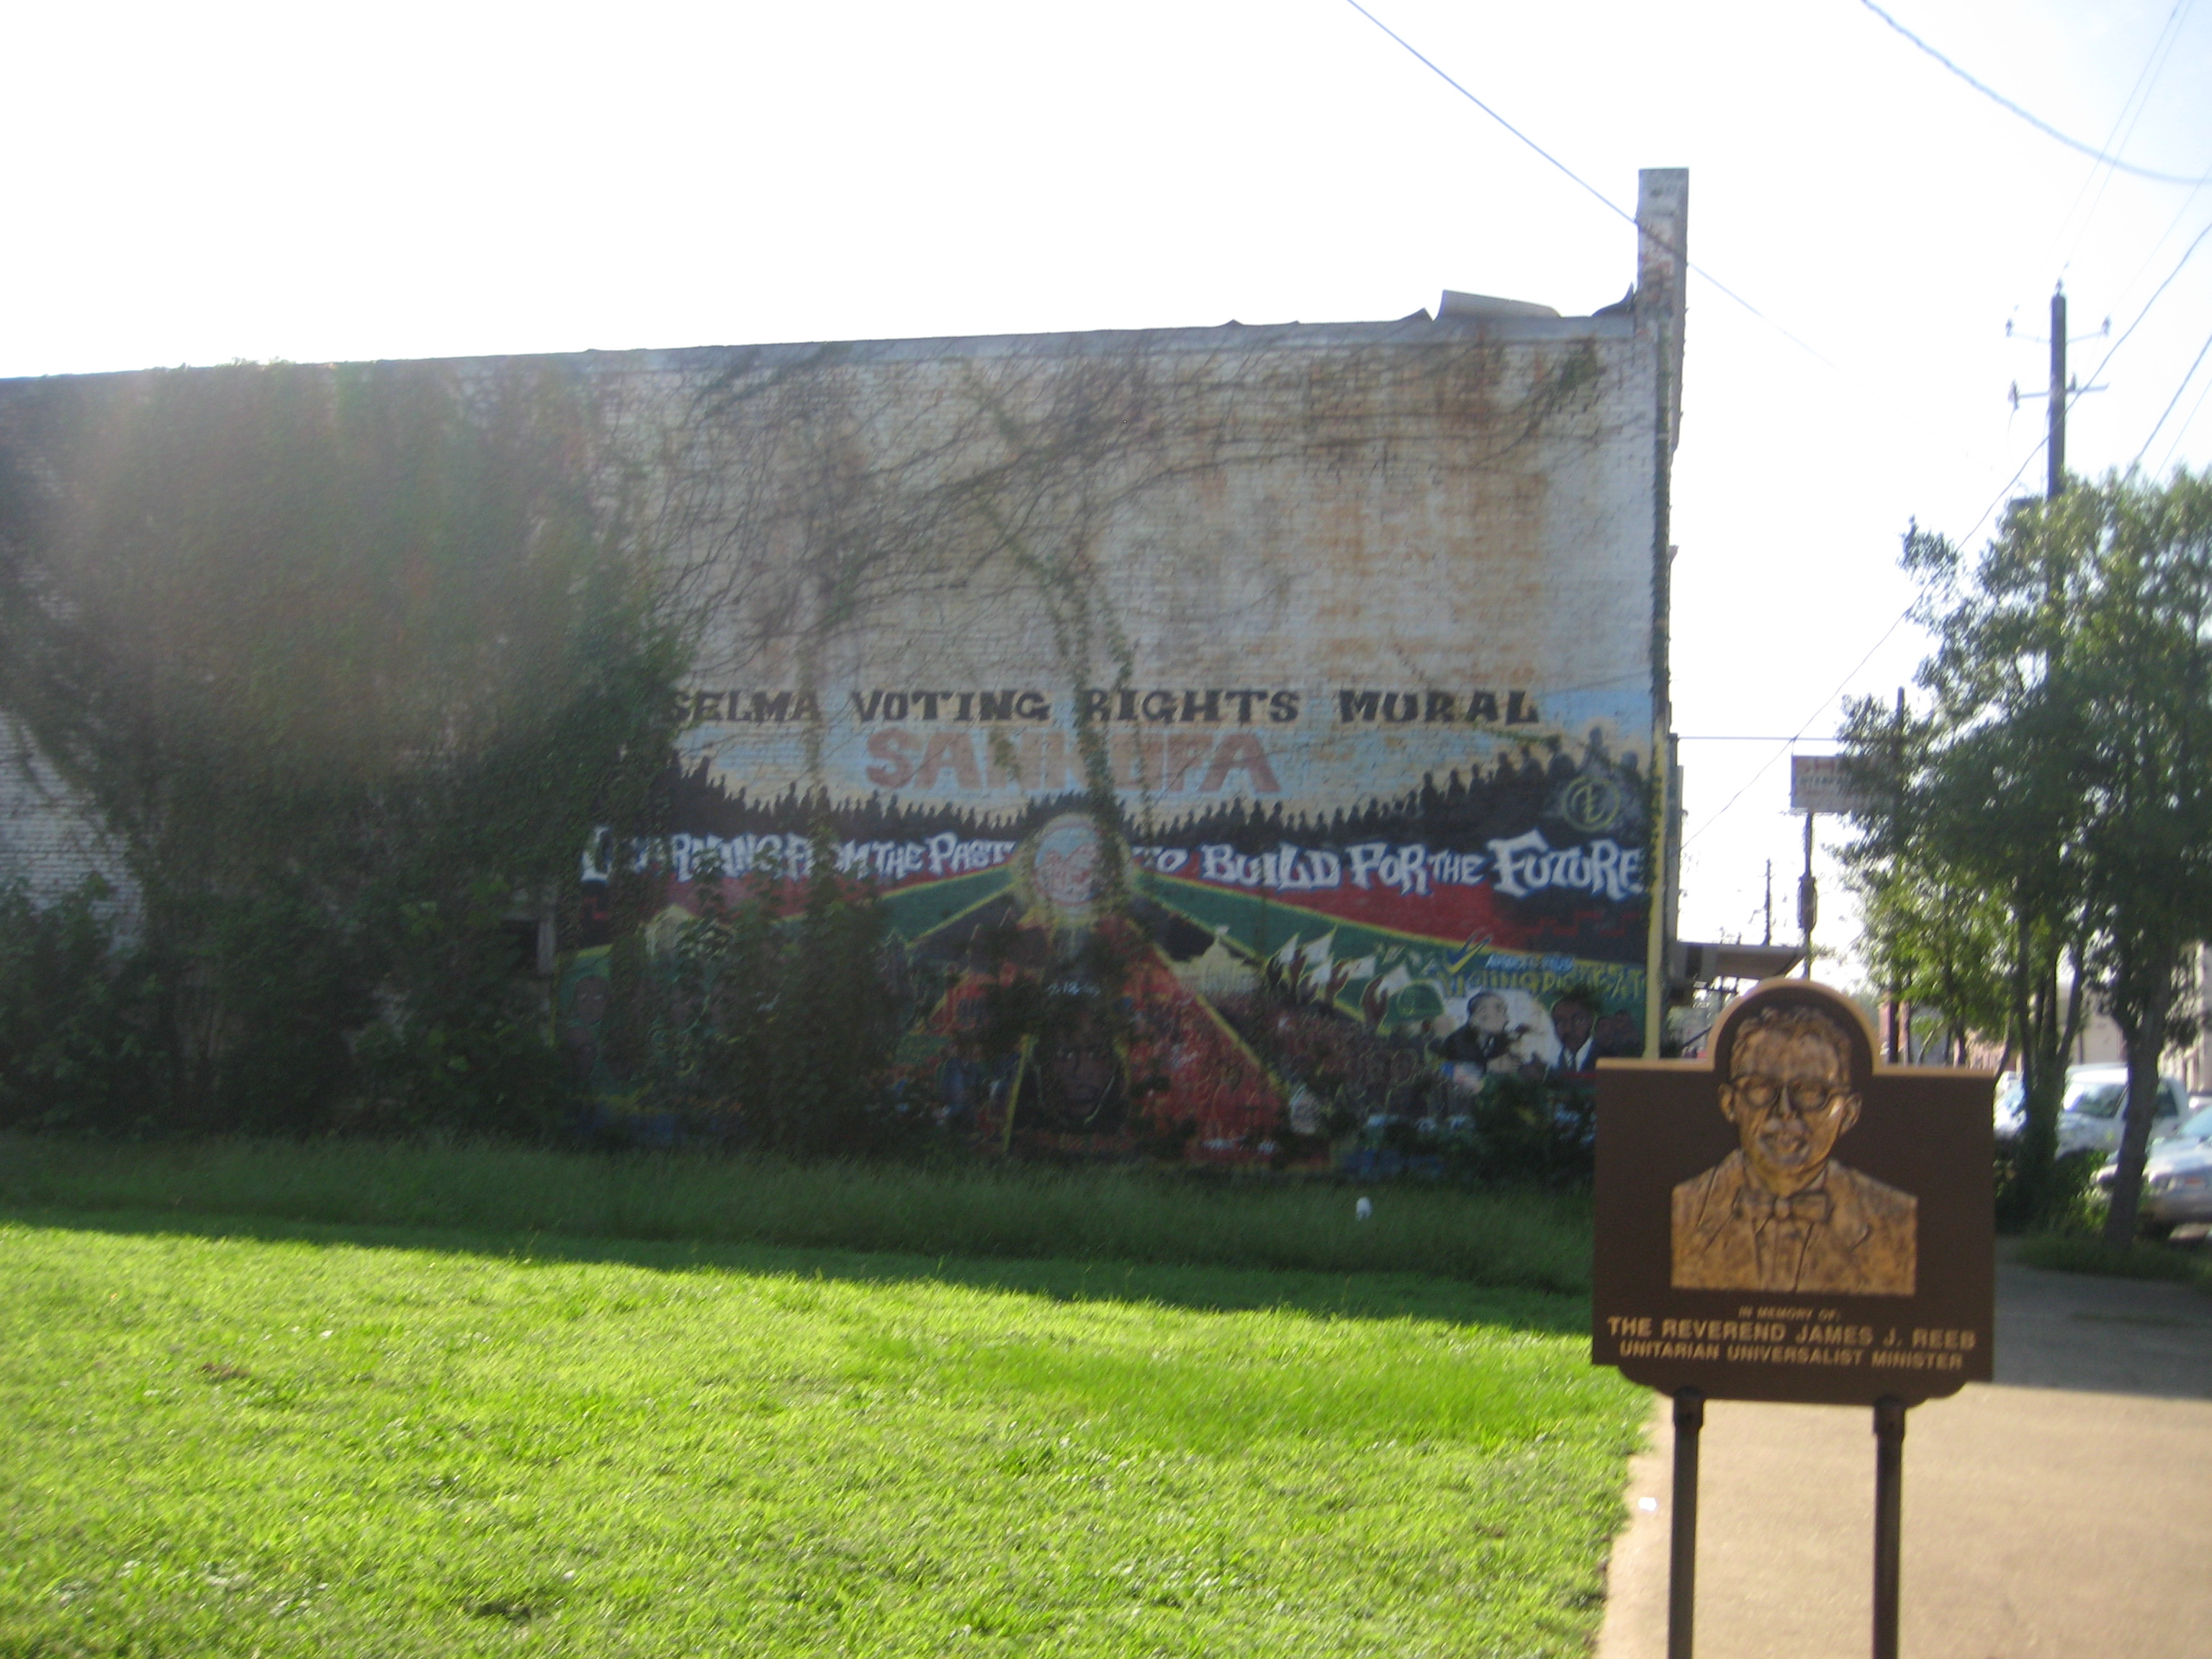 James Reeb memorial Selma Alabama